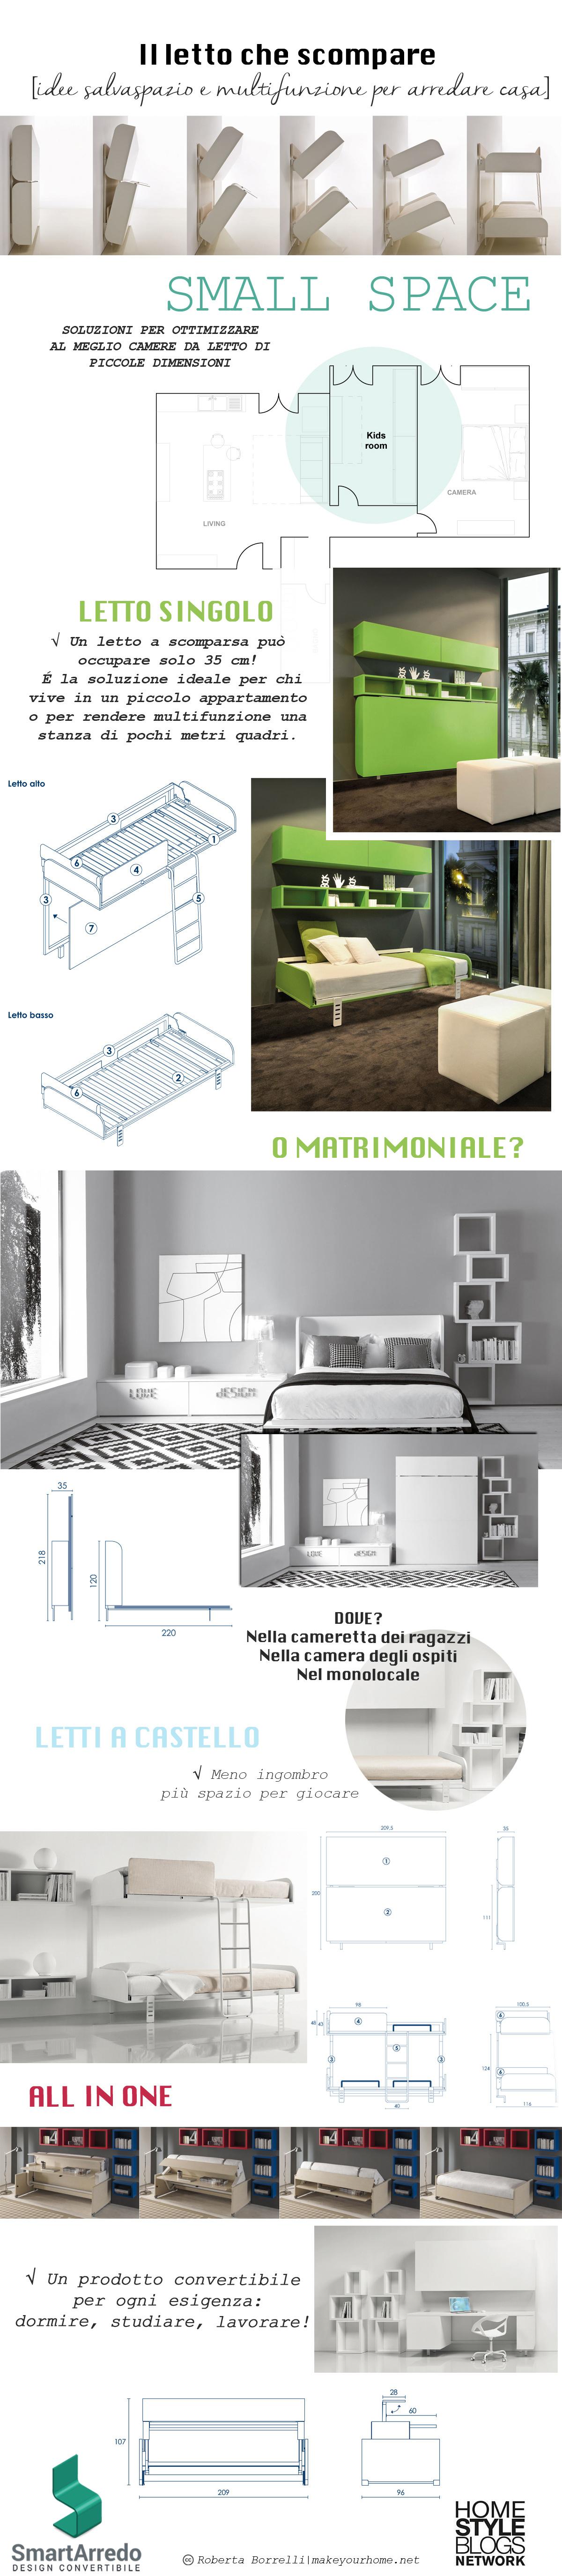 Letti a scomparsa - Arredare una casa piccola - Infografica